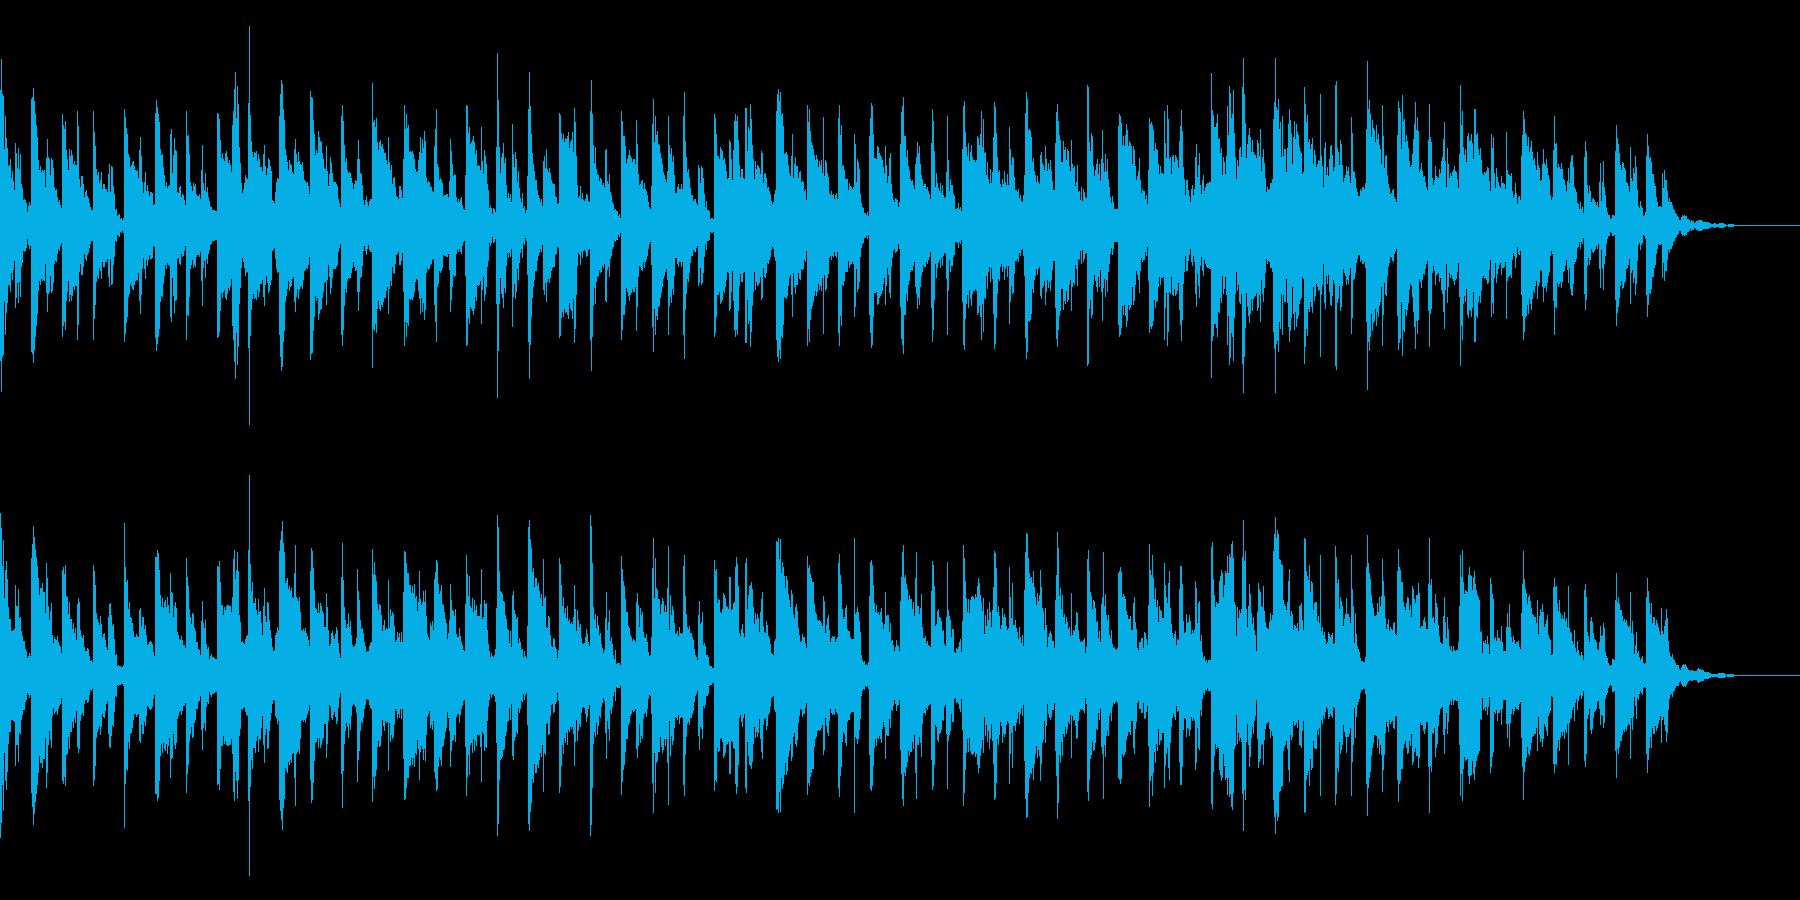 おしゃれなテクノBGMの再生済みの波形